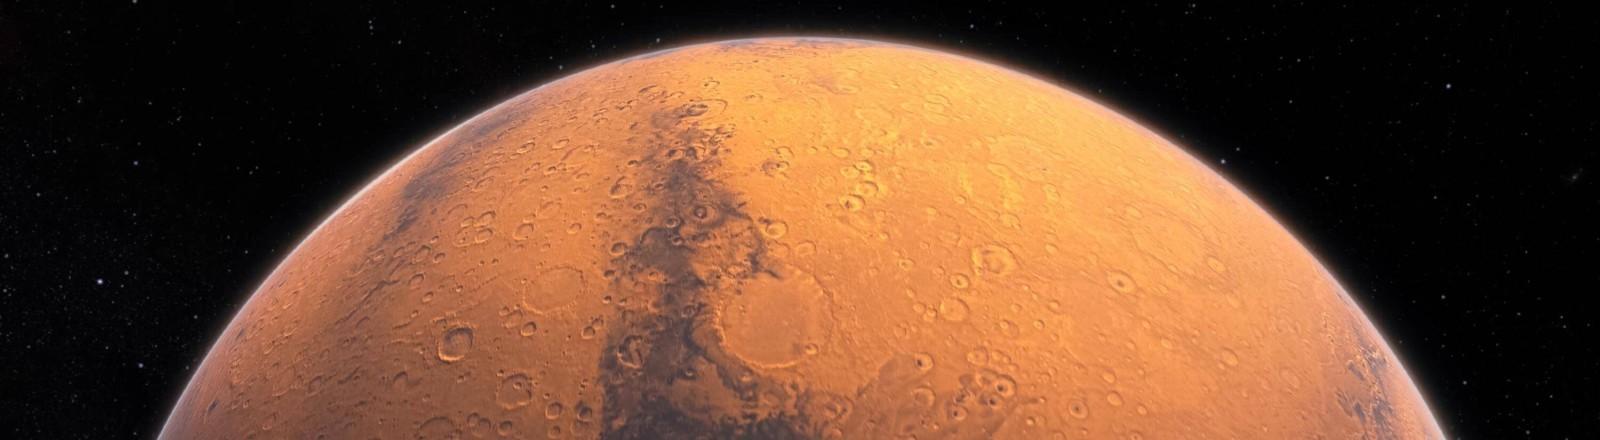 Ein Blick auf den Mars aus weiter Ferne